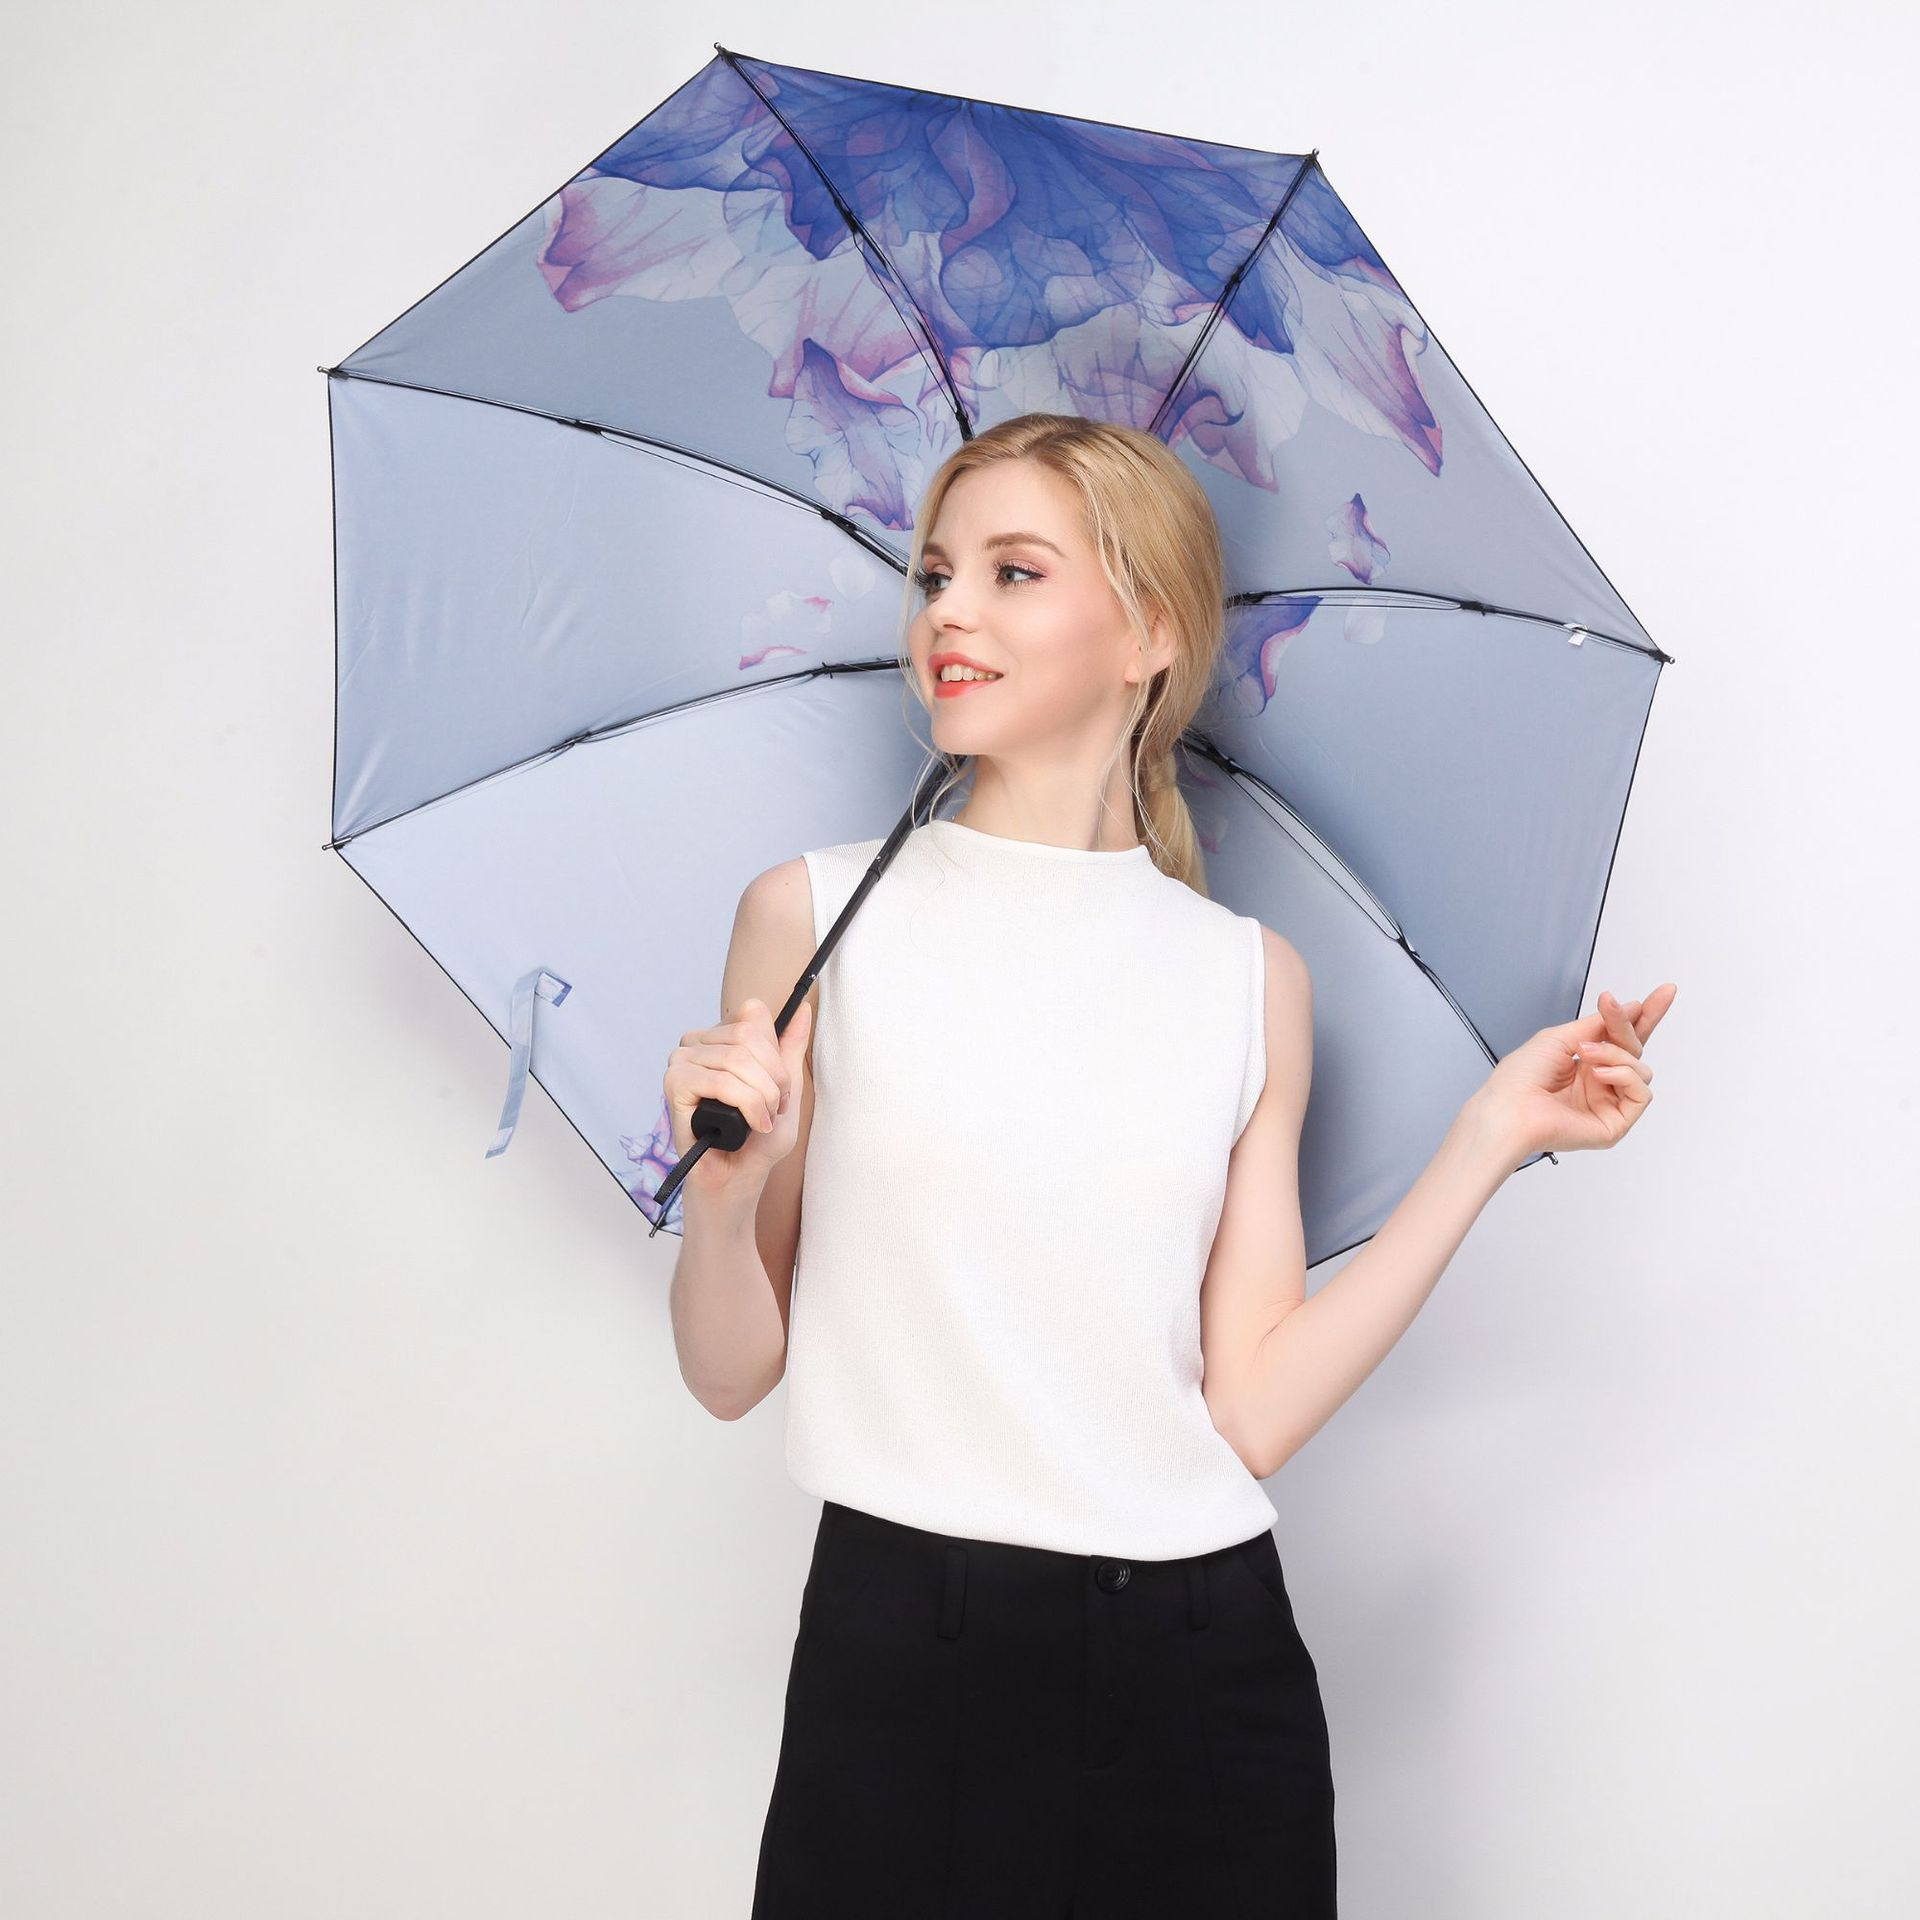 羚羊早安晴雨伞两用女黑胶防晒防紫外线三拆叠原创设计水墨画图案